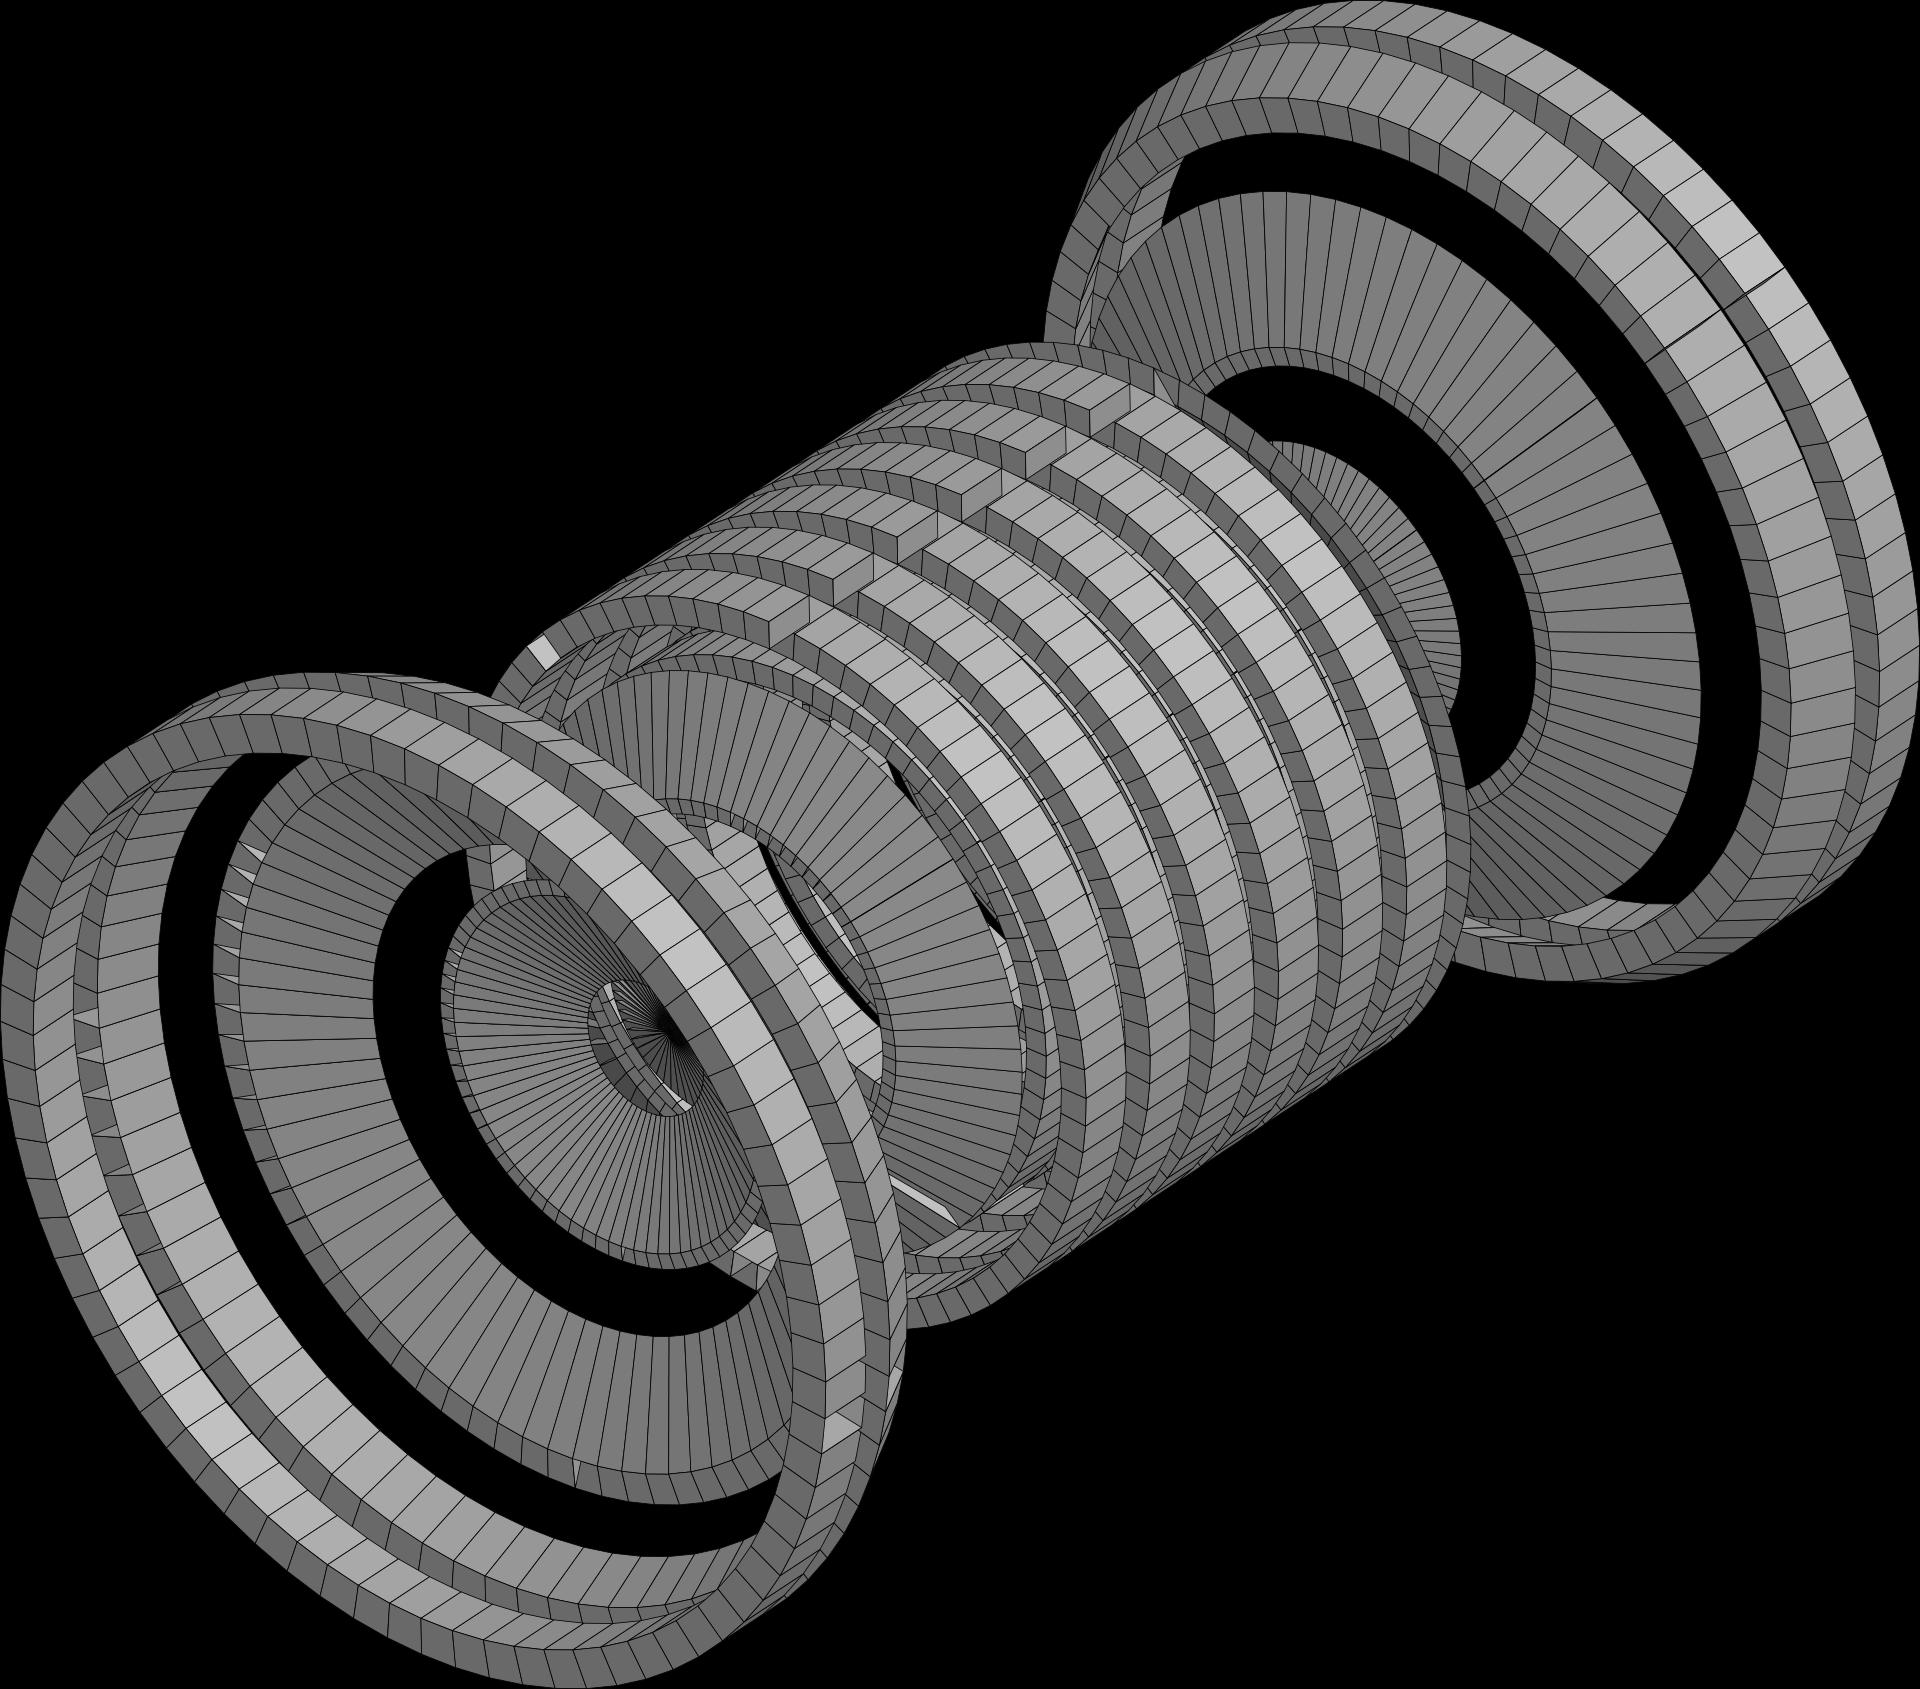 cylinder-2026259